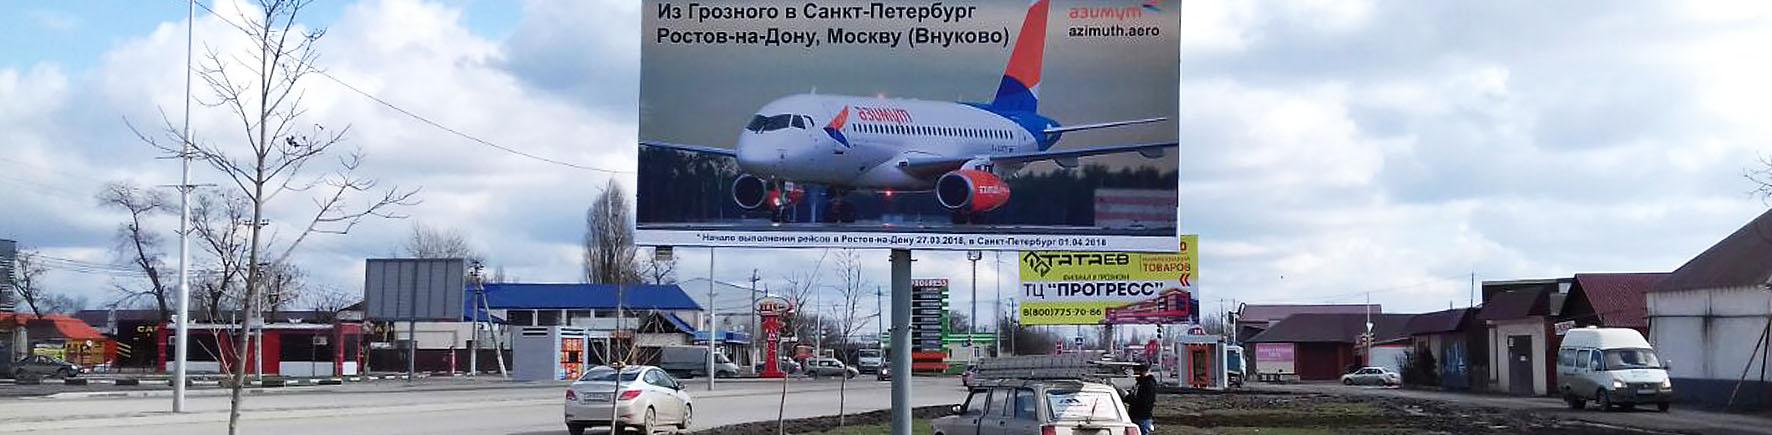 Реклама на щитах 3х6 в Грозном, авиакомпания Азимут билборды